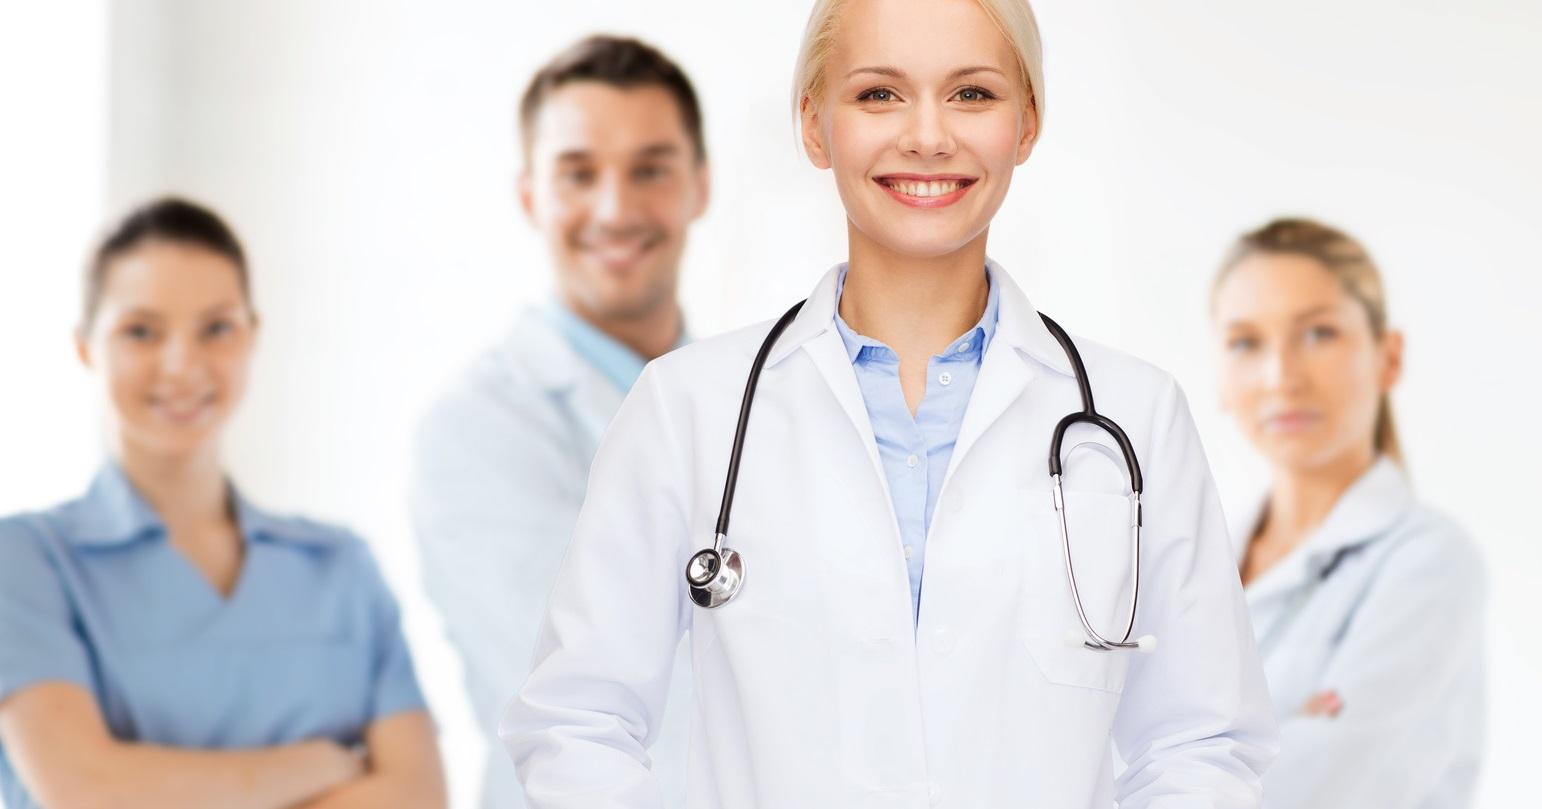 Ein Ärzteteam in Berufsbekleidung